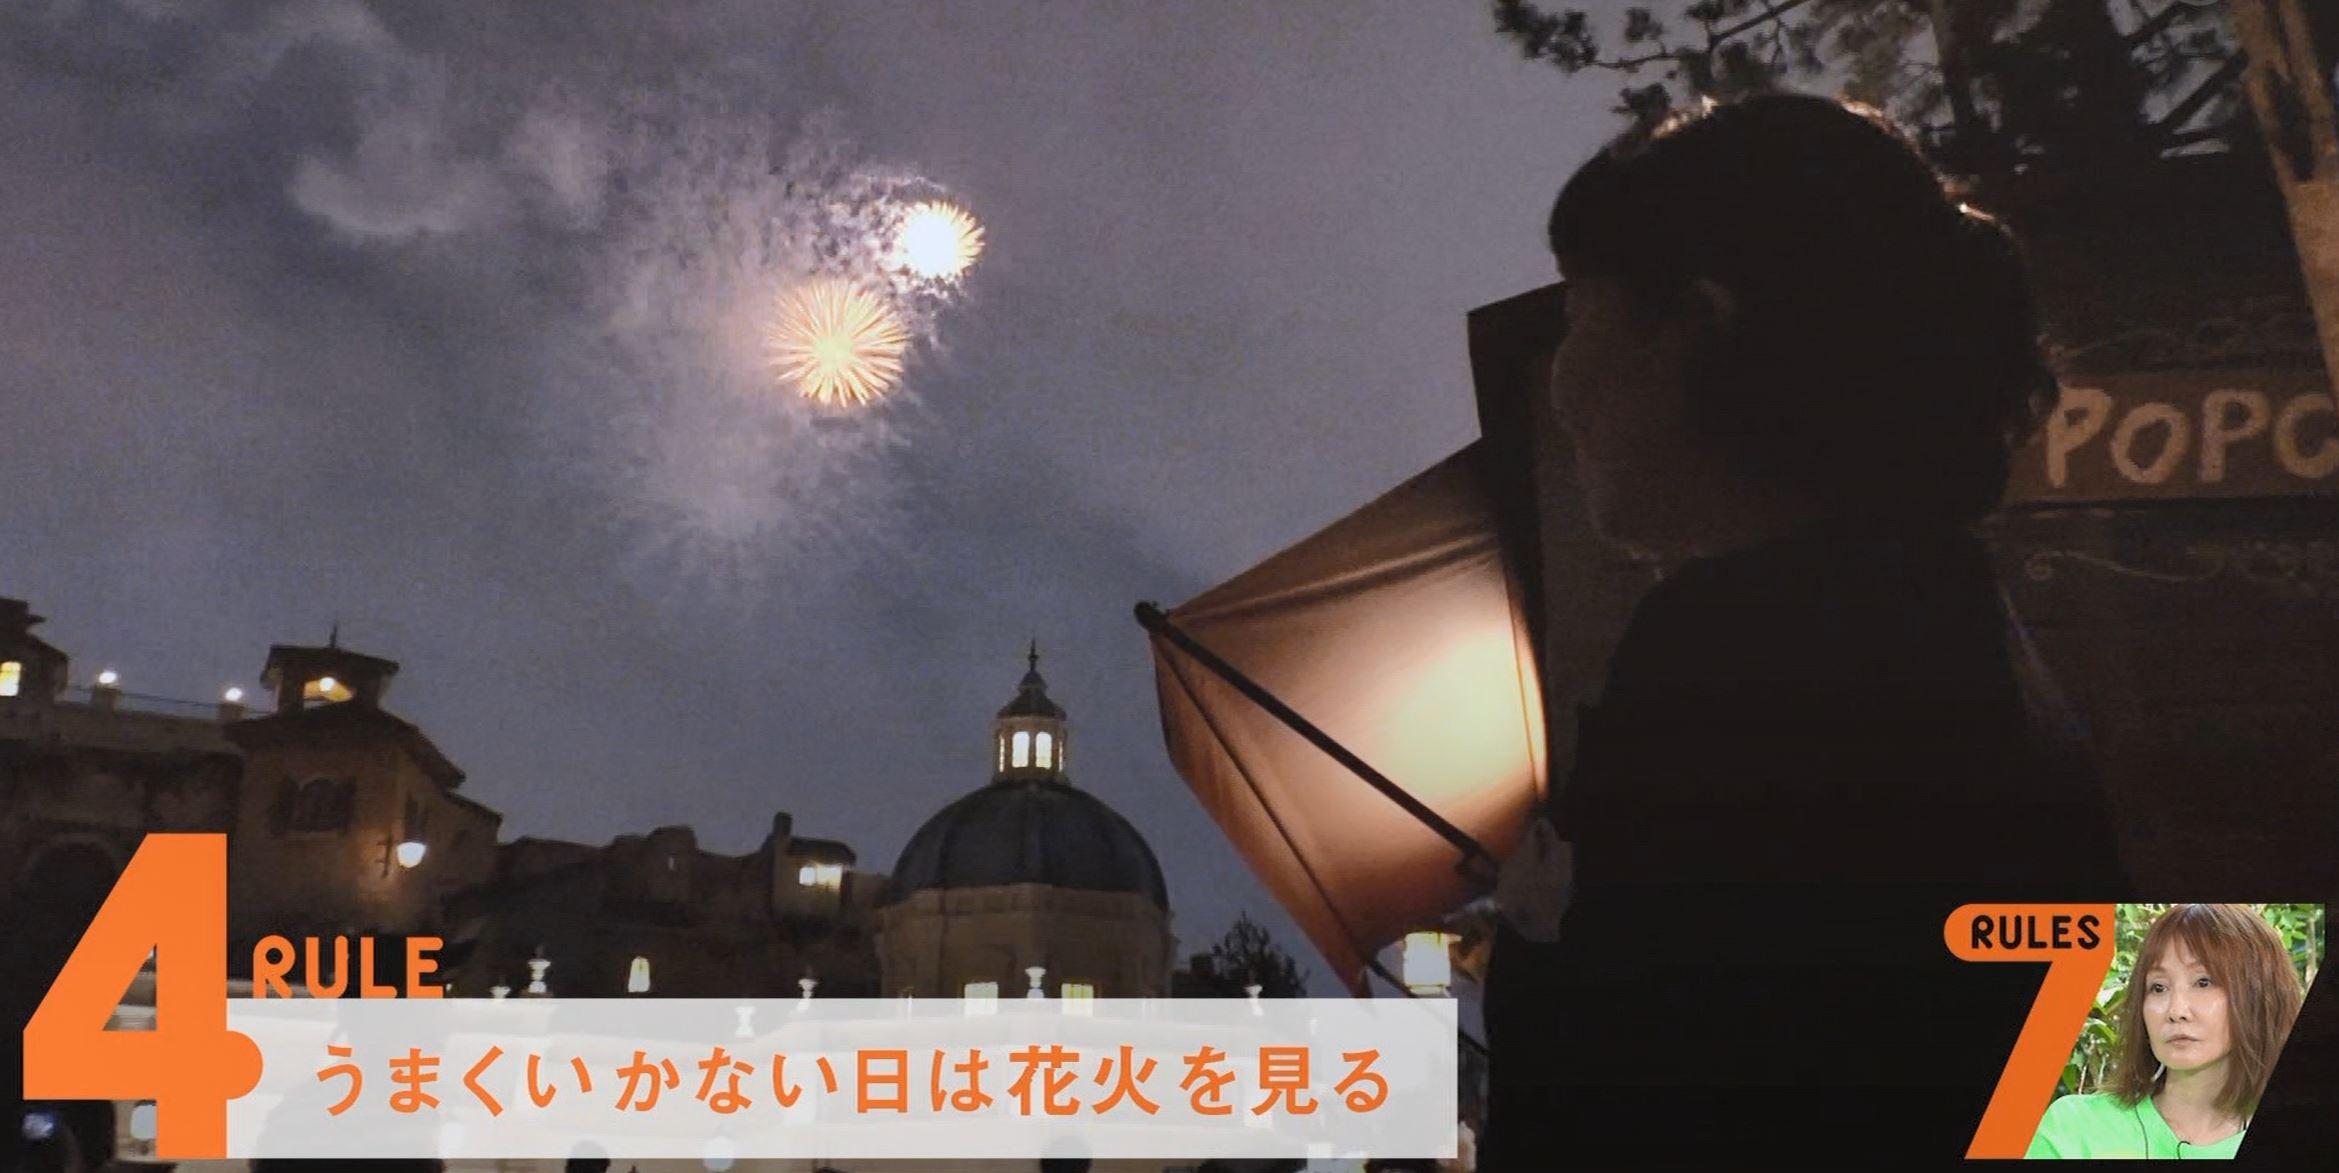 セブンルール 石川みなみ 経歴 彼氏 ディズニー